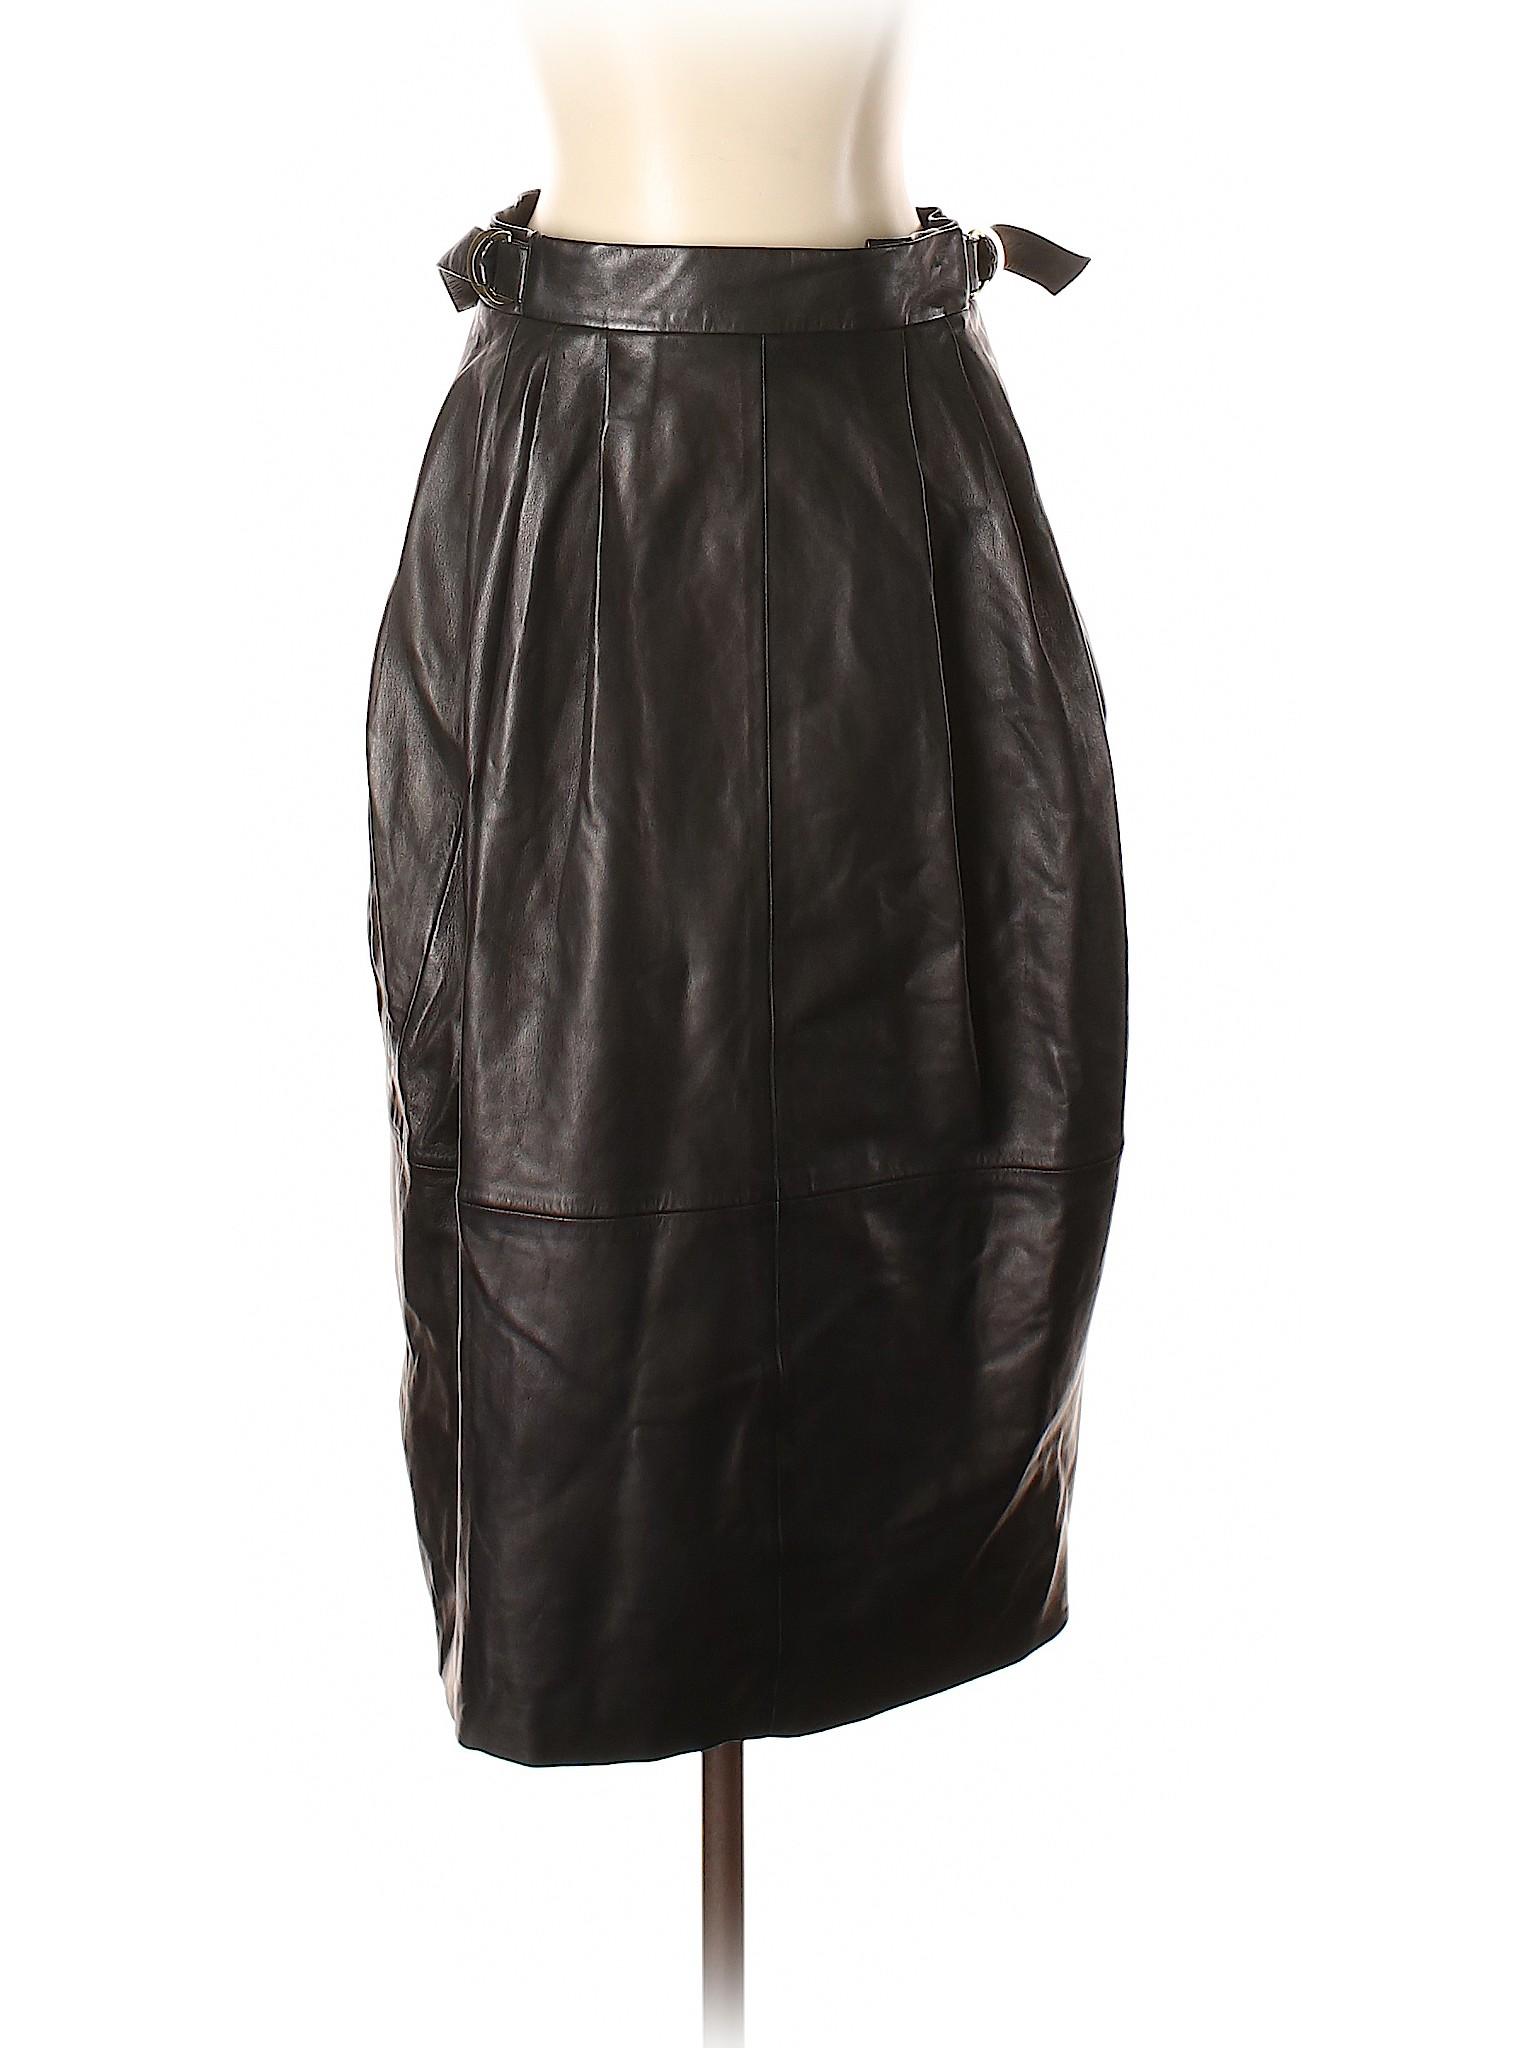 leisure Skirt Lam Derek Boutique Leather ZwqAIdxP